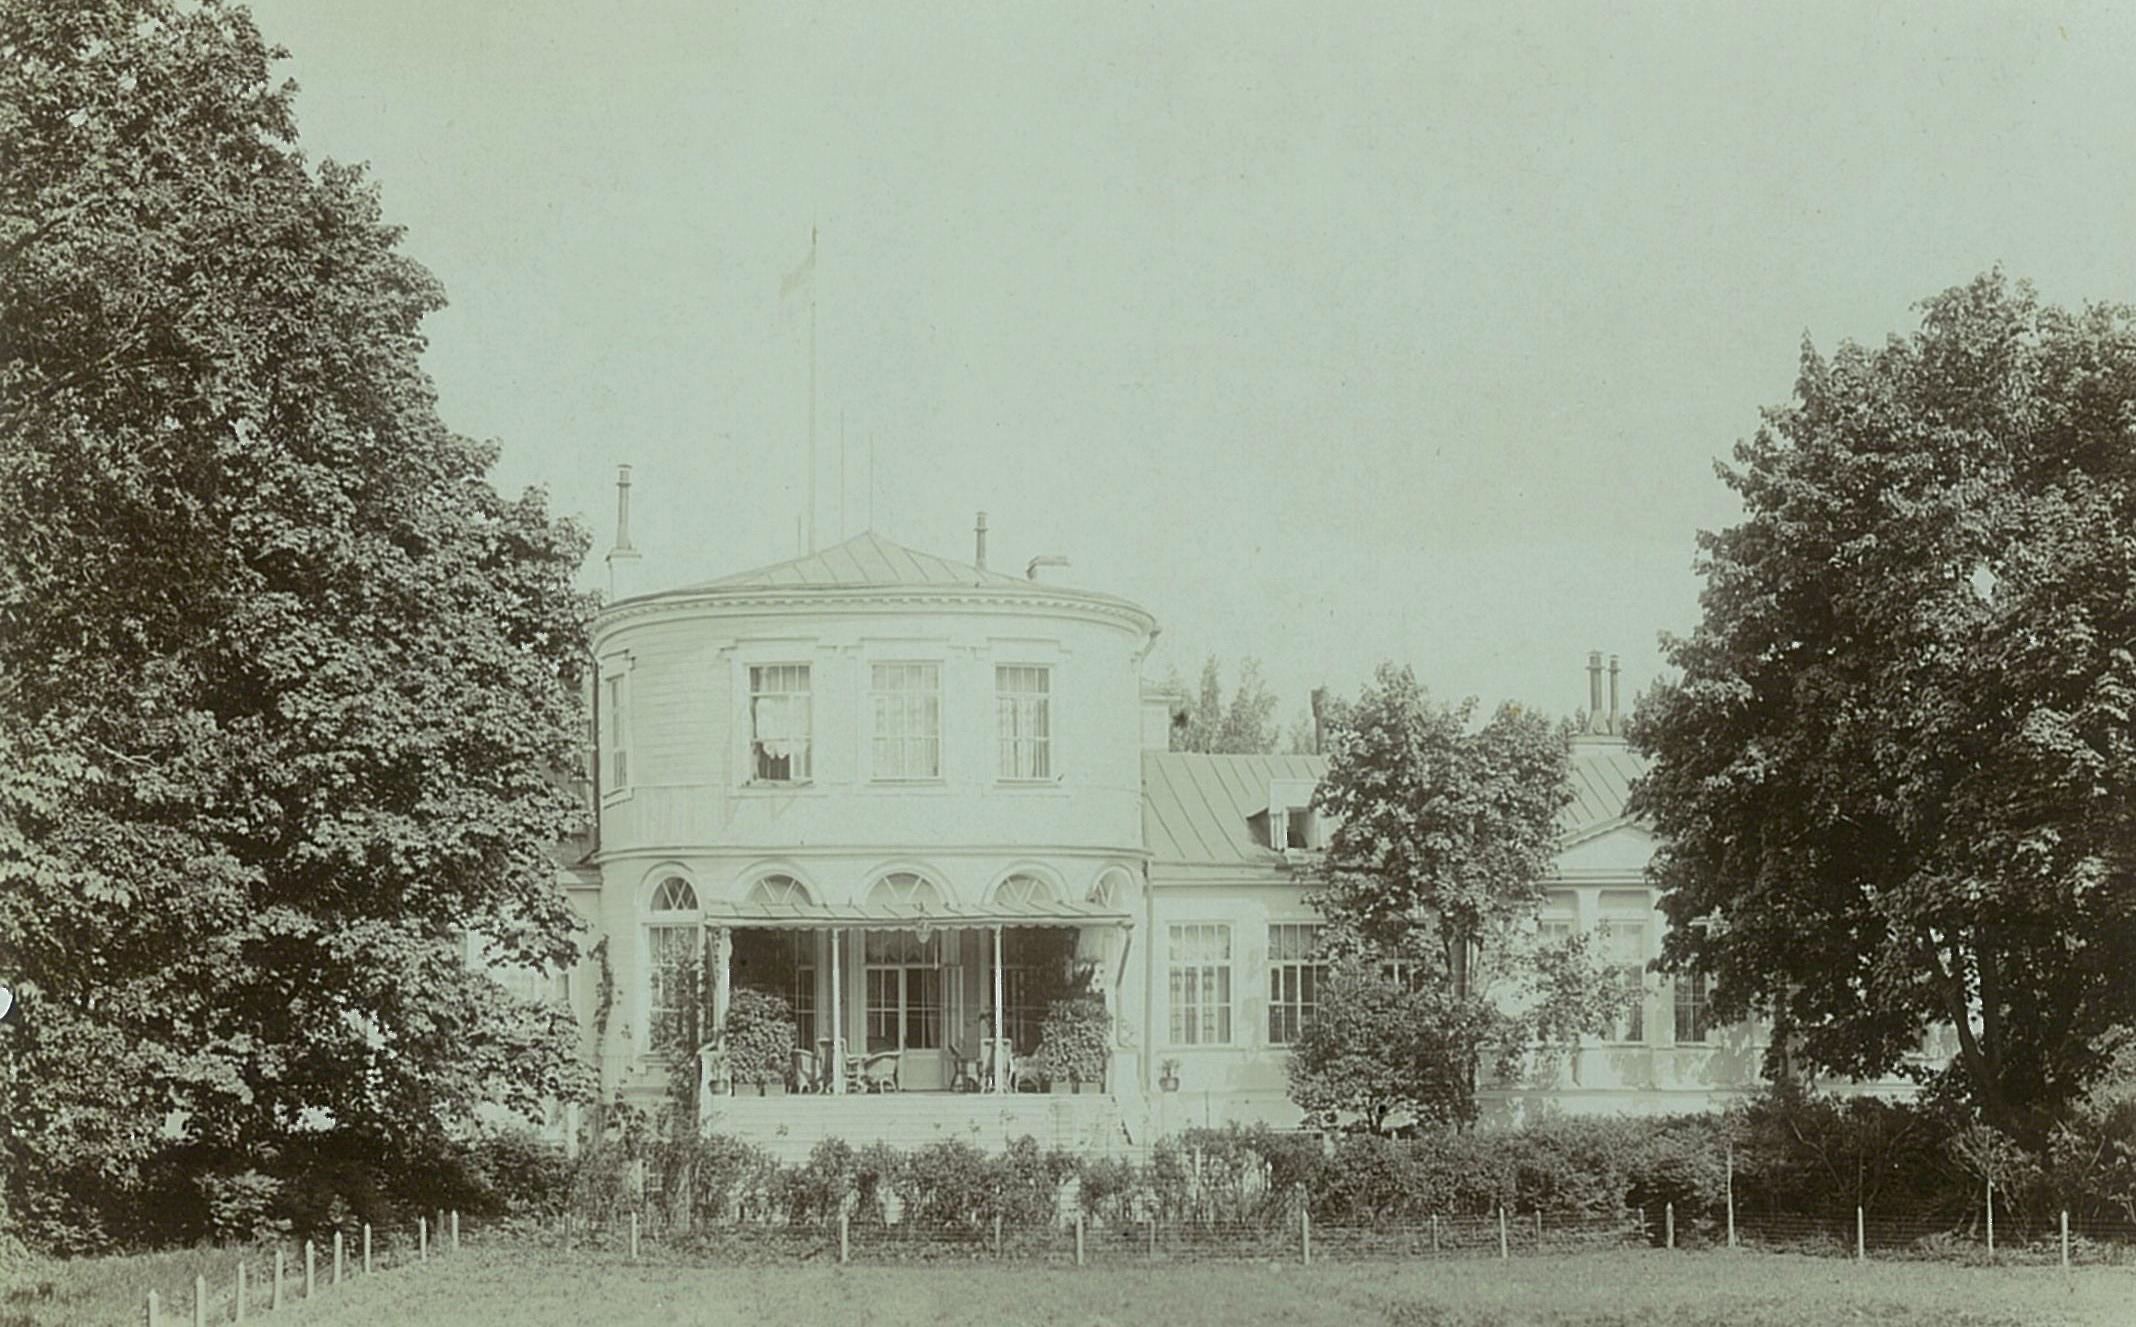 Садовый фасад усадебного дома с сетчатой оградой по периметру луга